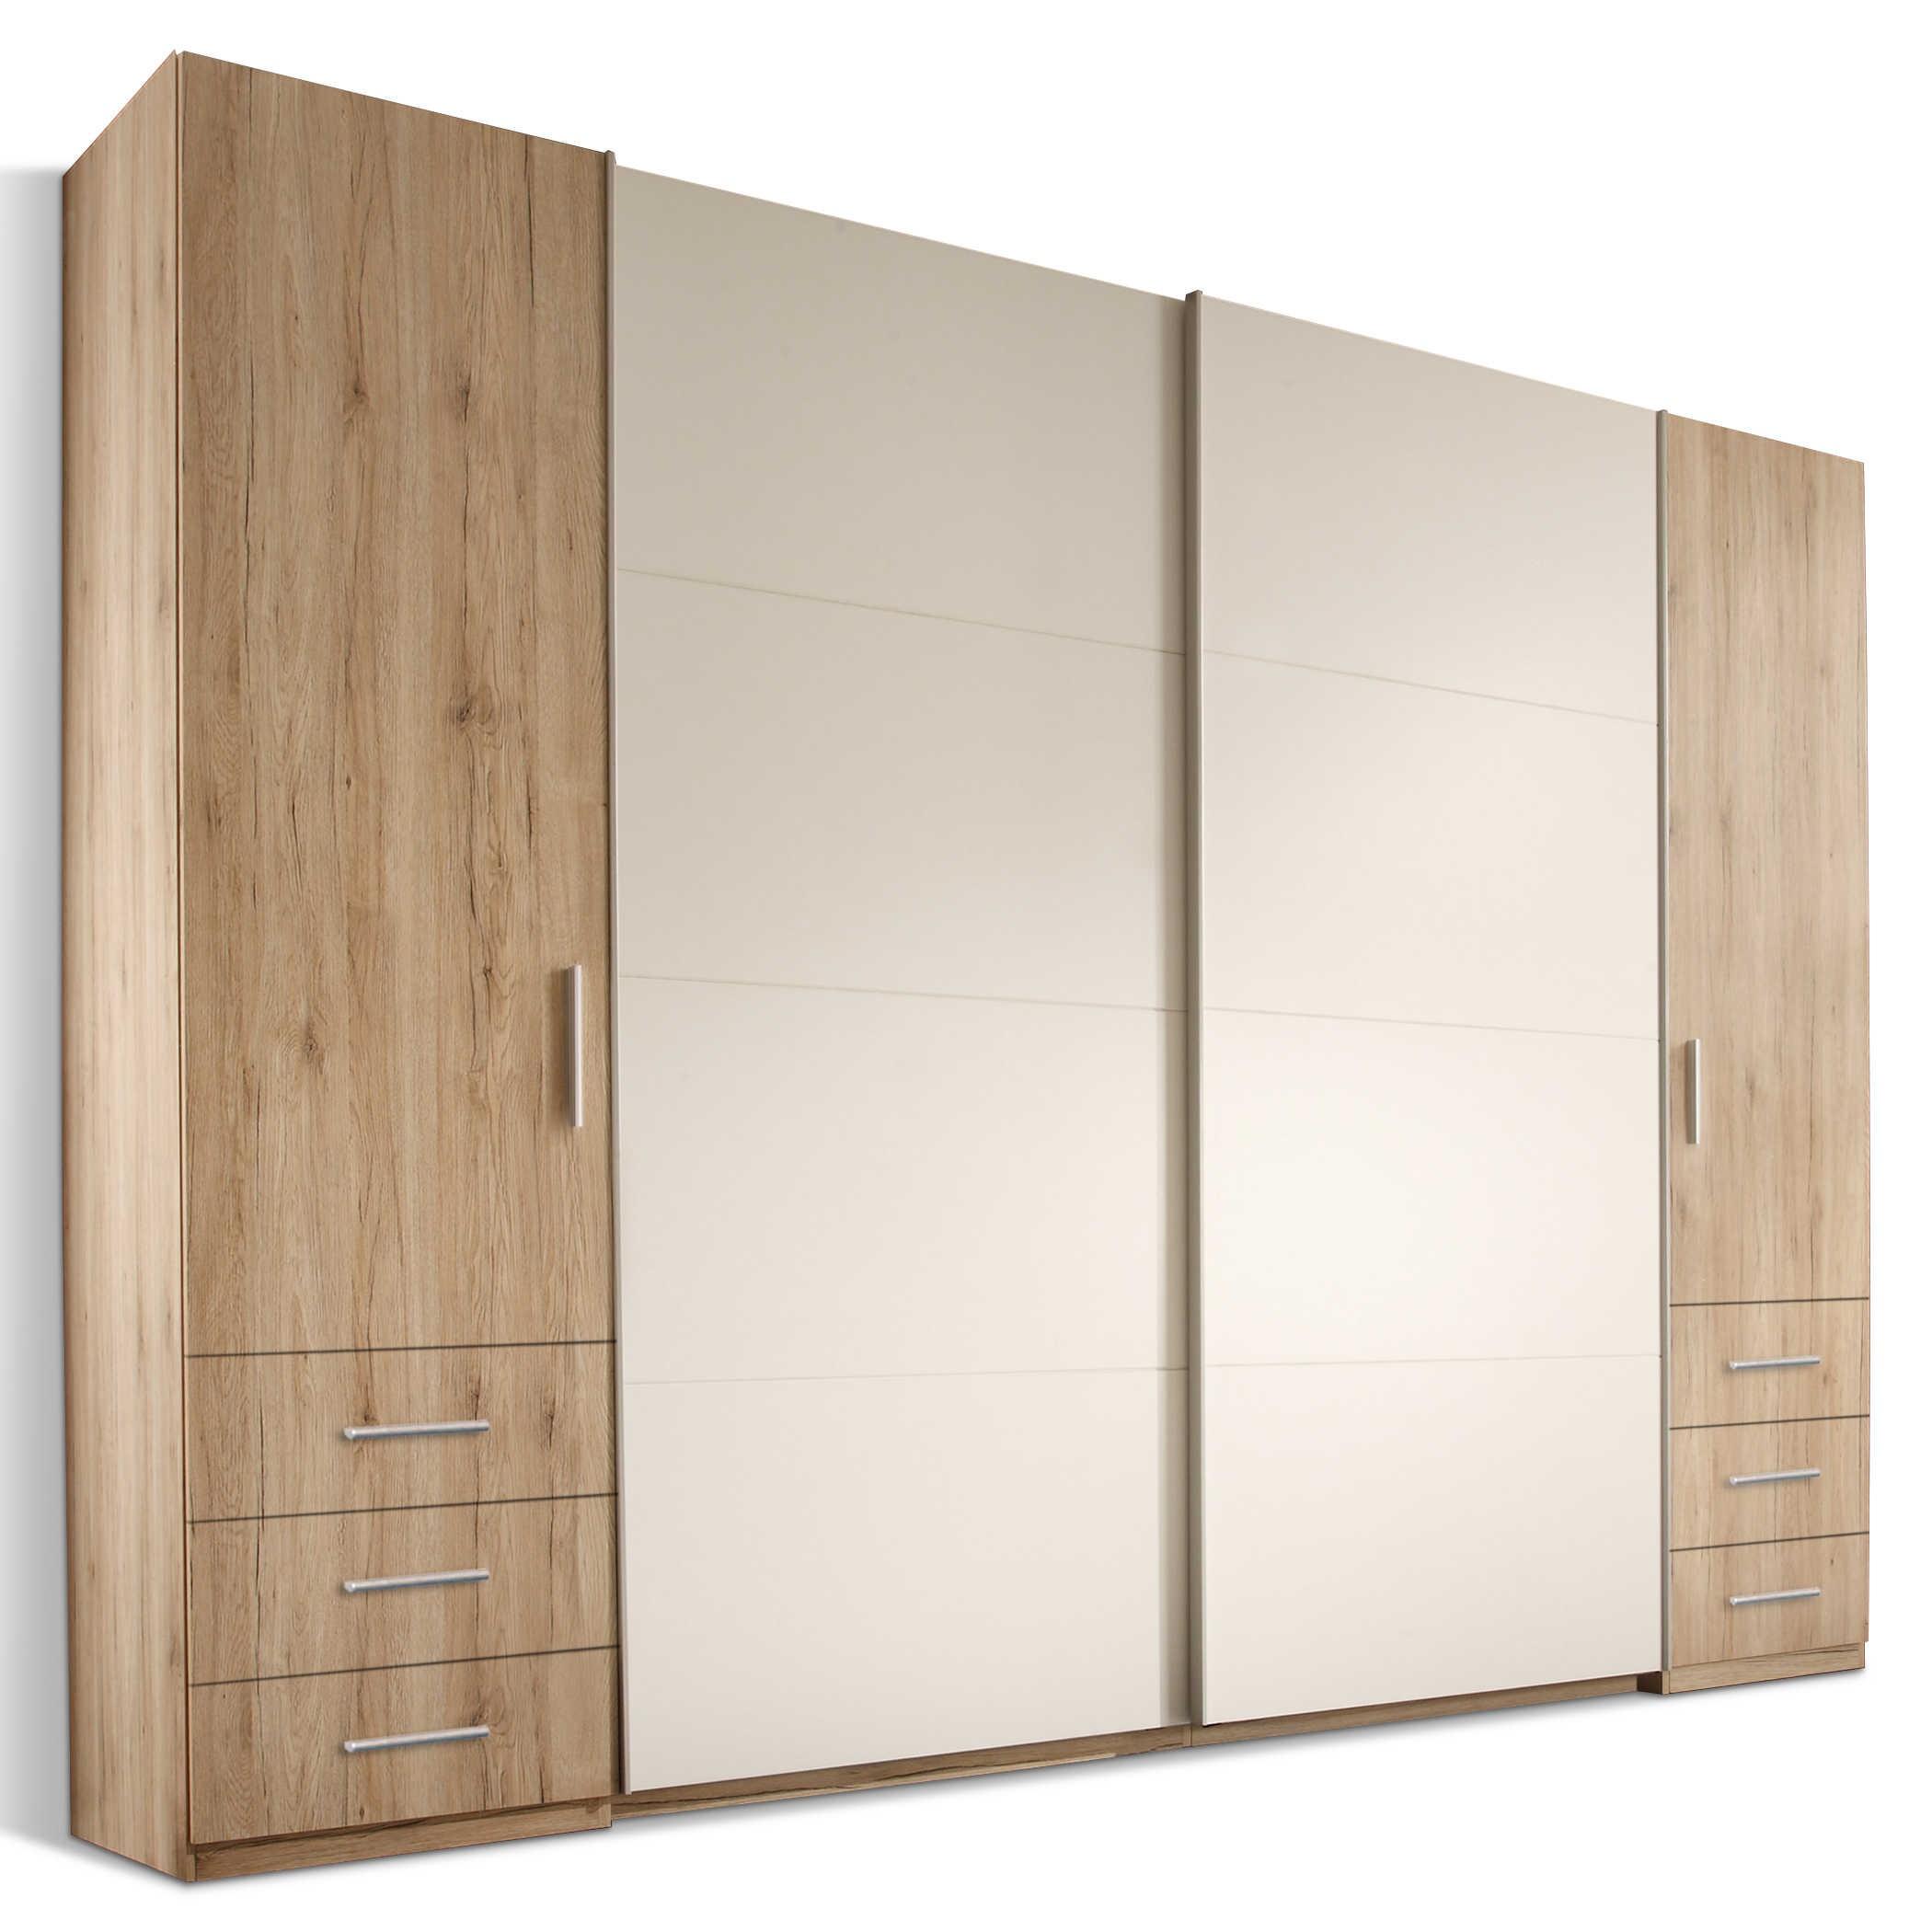 Pol Power Kleiderschrank Store 267 X 226 Cm Eiche Holzoptik Online